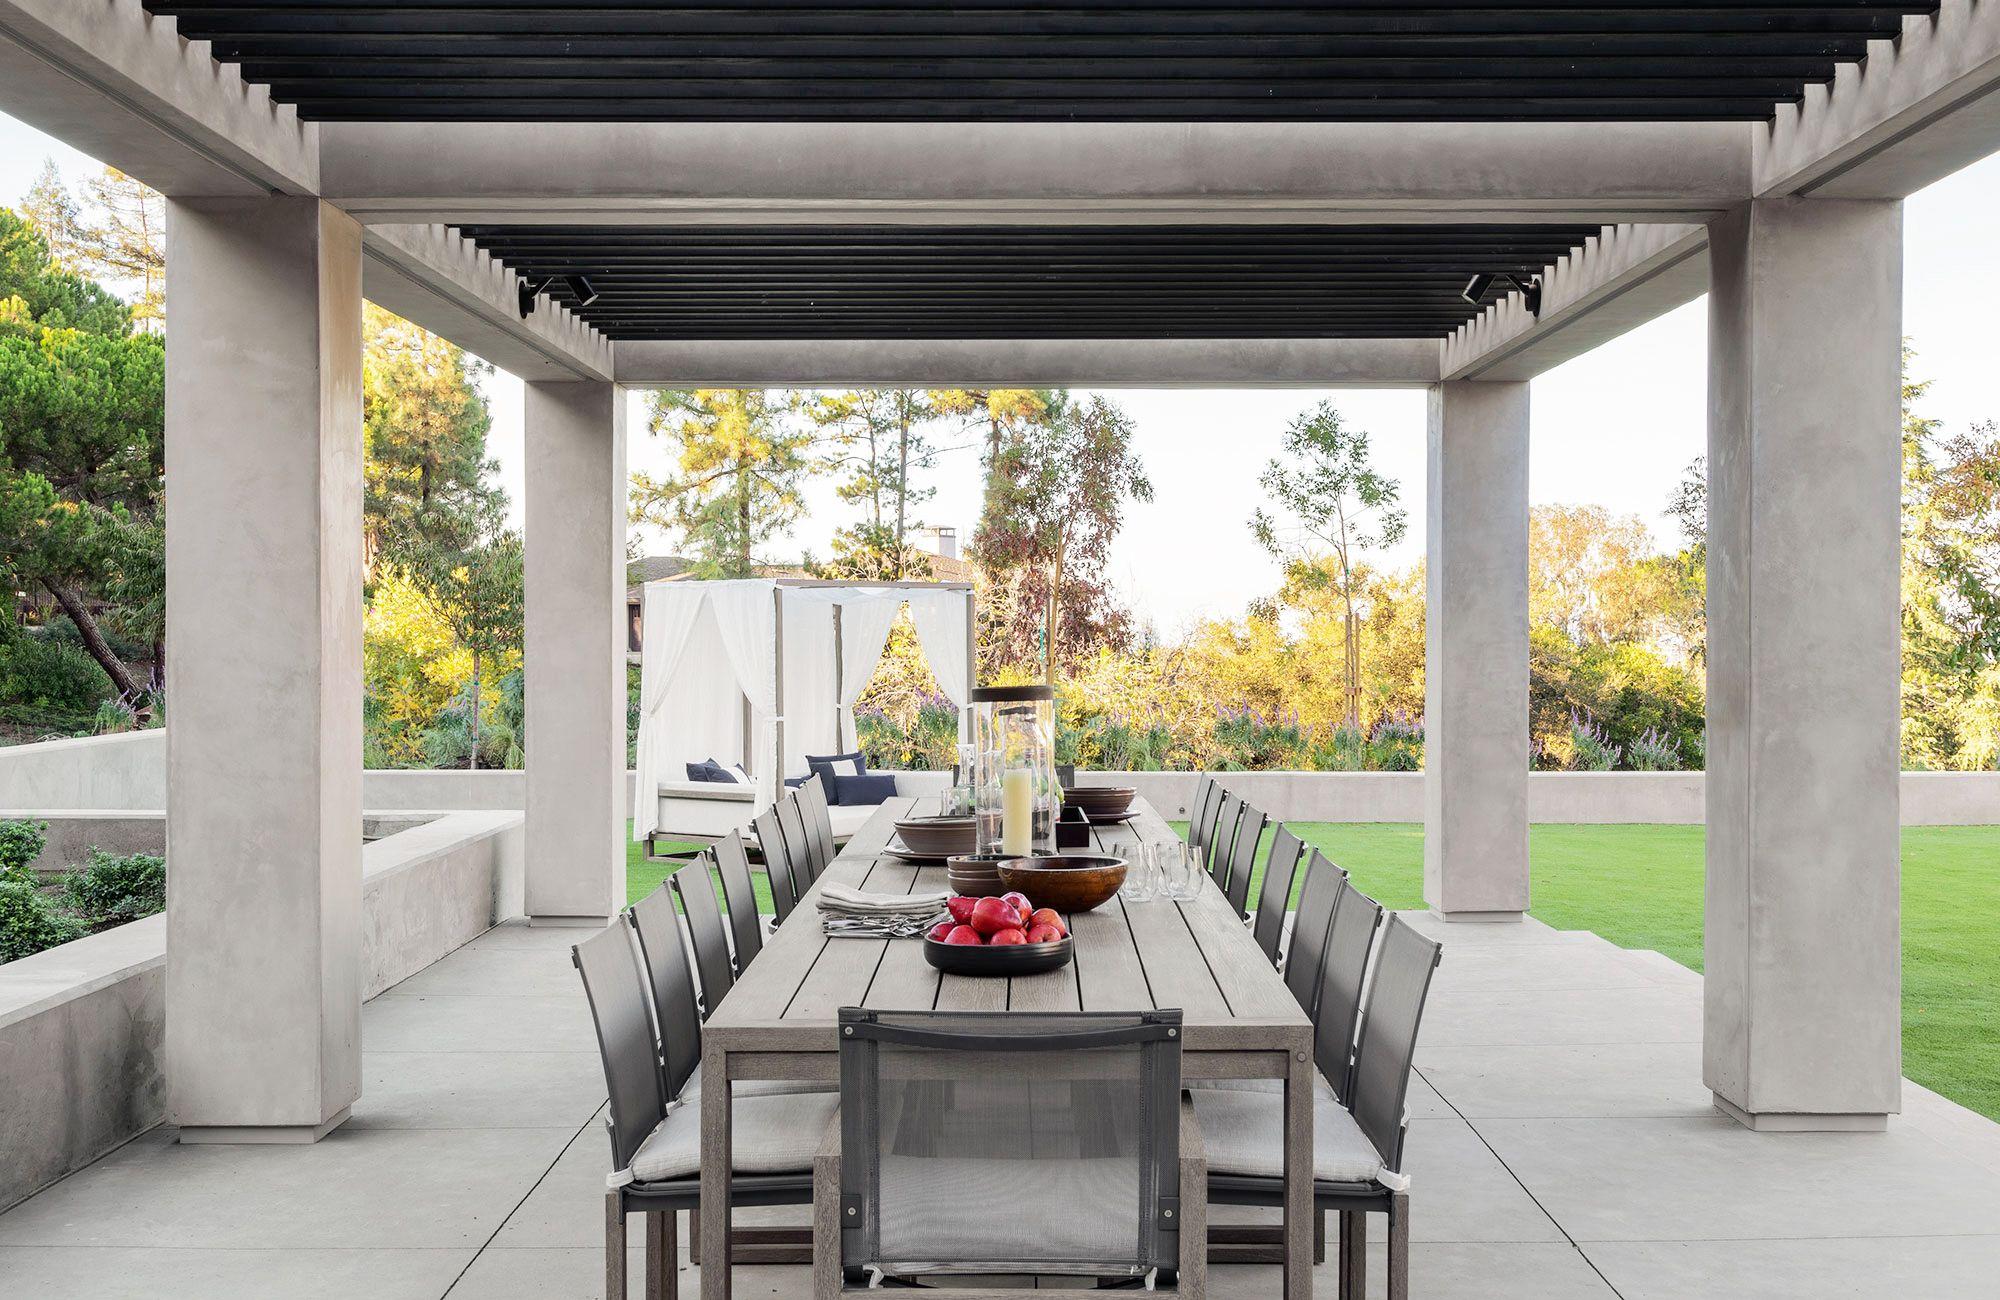 15 stylish outdoor lighting ideas the